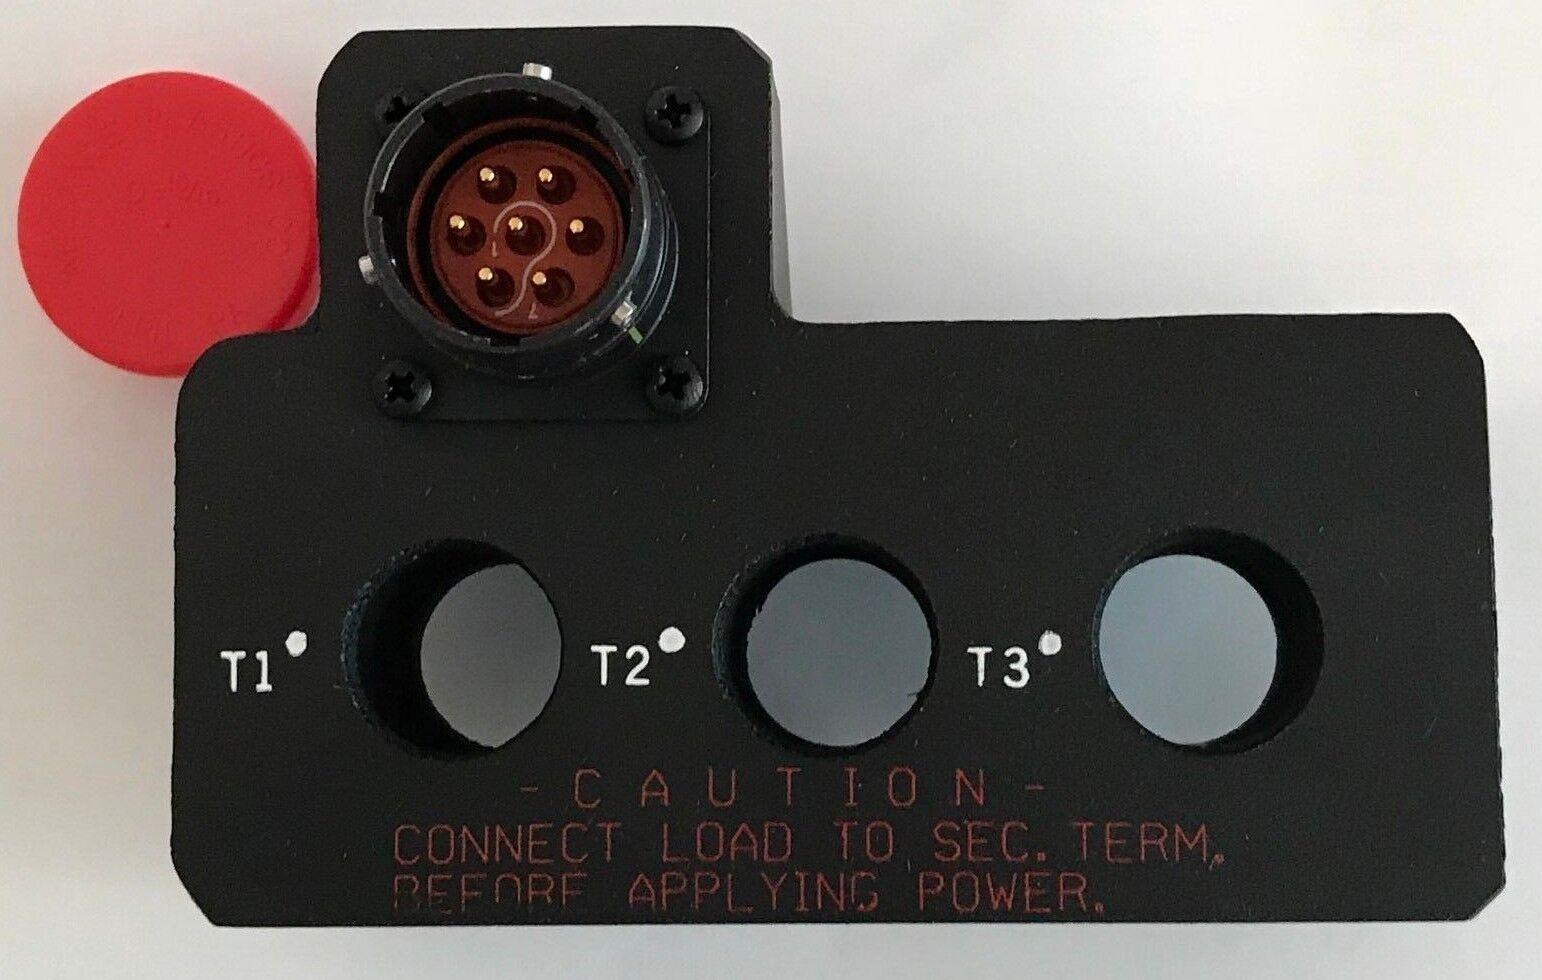 10169 OR 9JY21AK1 OR 5950-01-452-4407 OECO LLC POWER TRANSFORMER